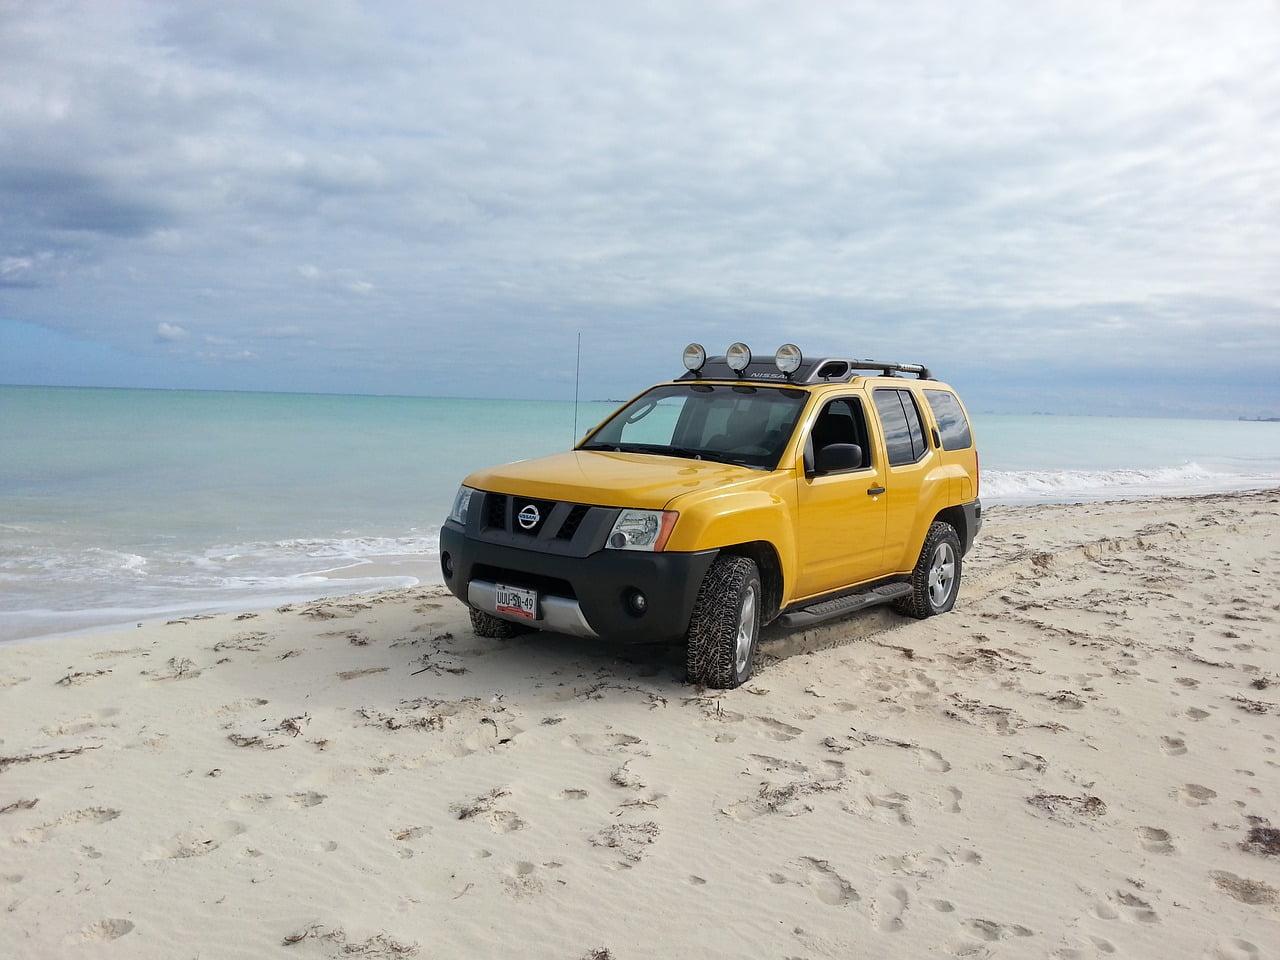 noleggio auto in repubblica dominicana: per esempio, un fuoristrada